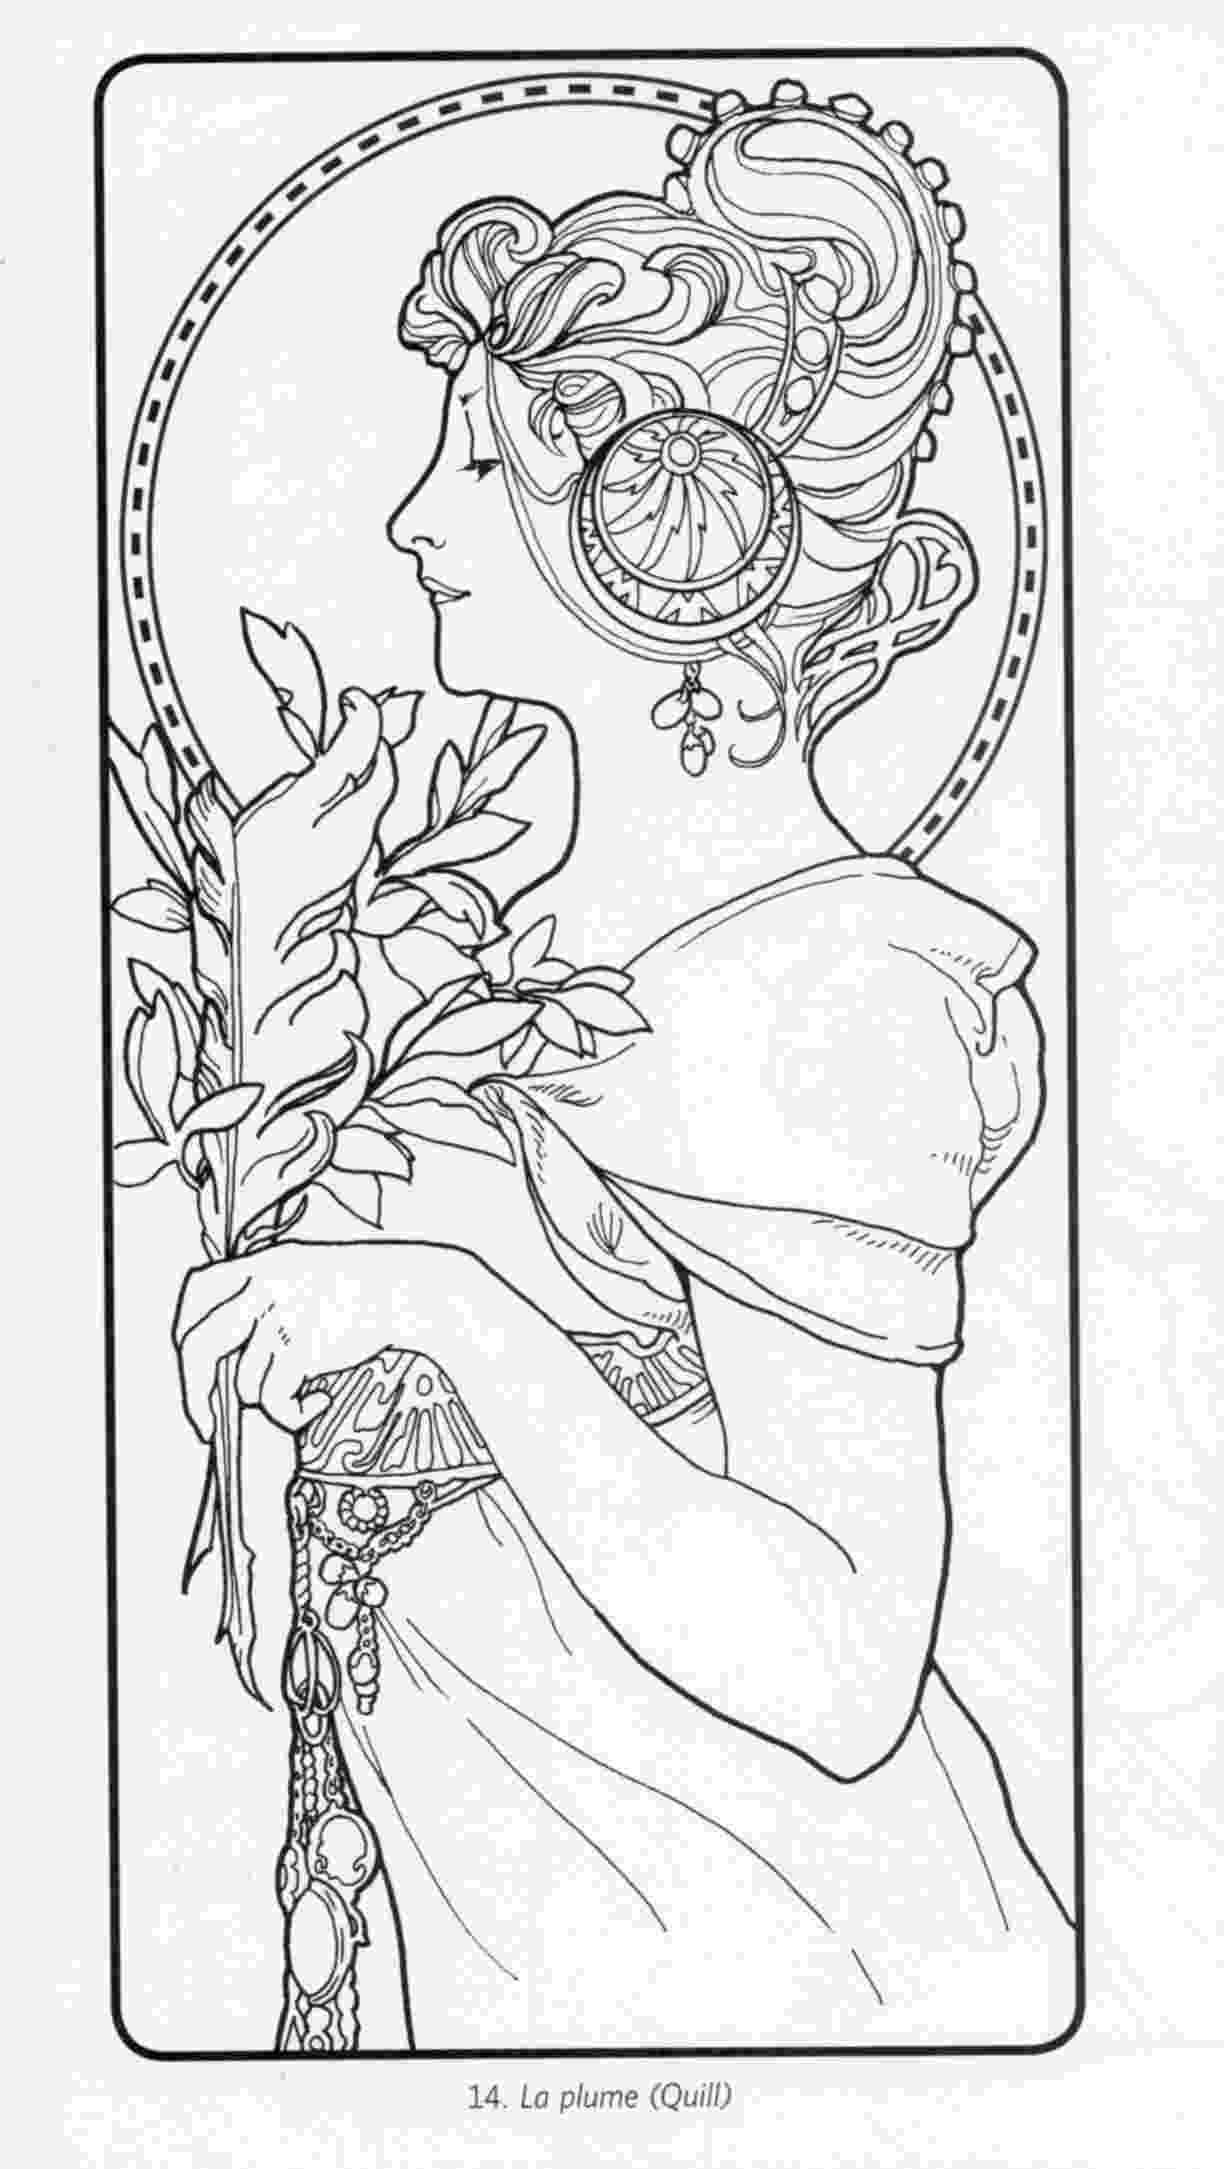 art nouveau coloring book online adult dessin inspiration art nouveau coloring pages printable coloring nouveau book online art